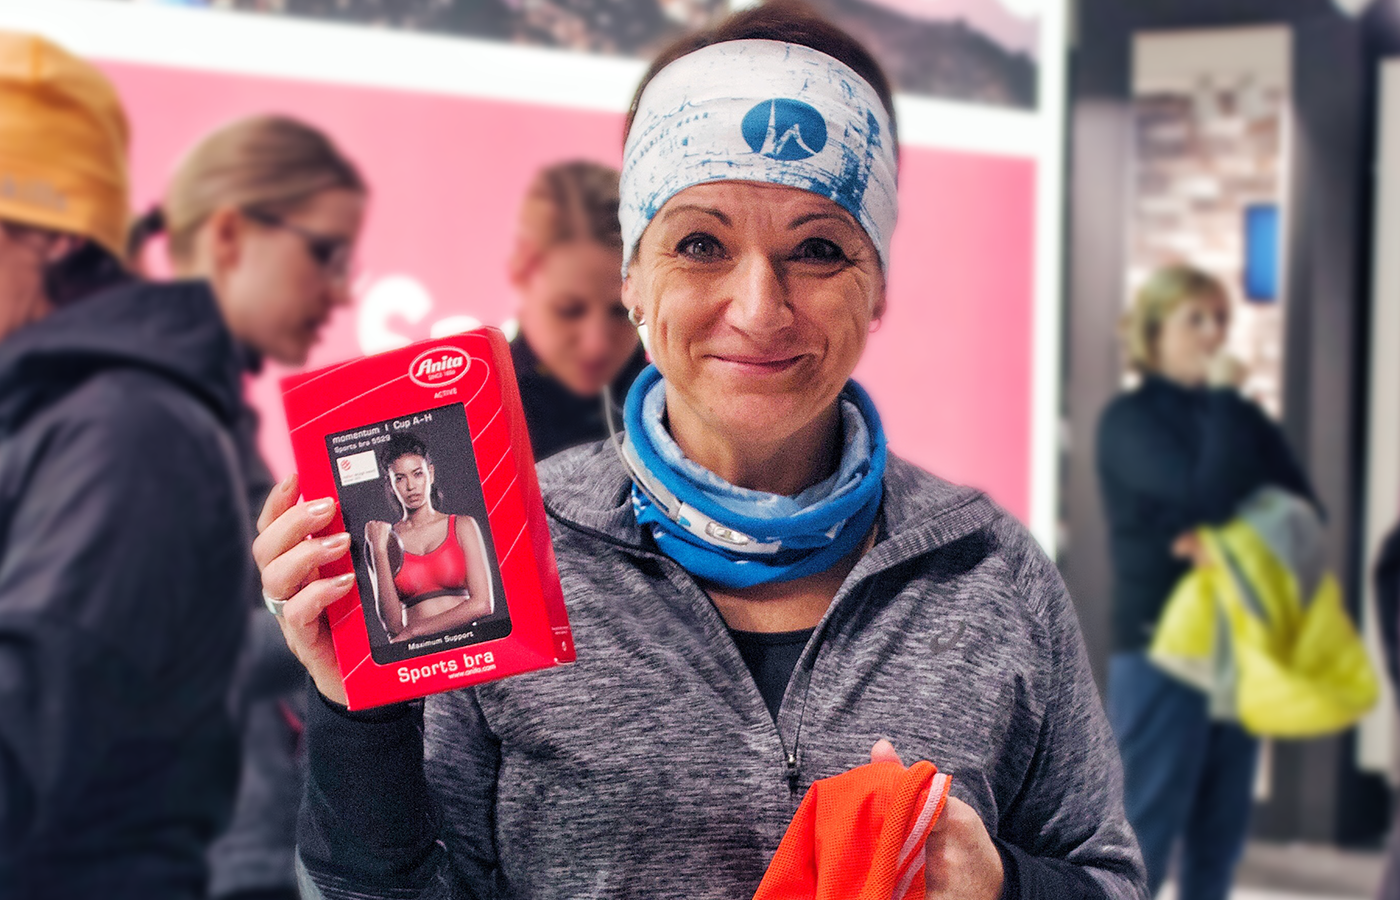 Flaue beim Lauftreff für Frauen in Chemnitz mit dem neuen Anita air control DeltaPad